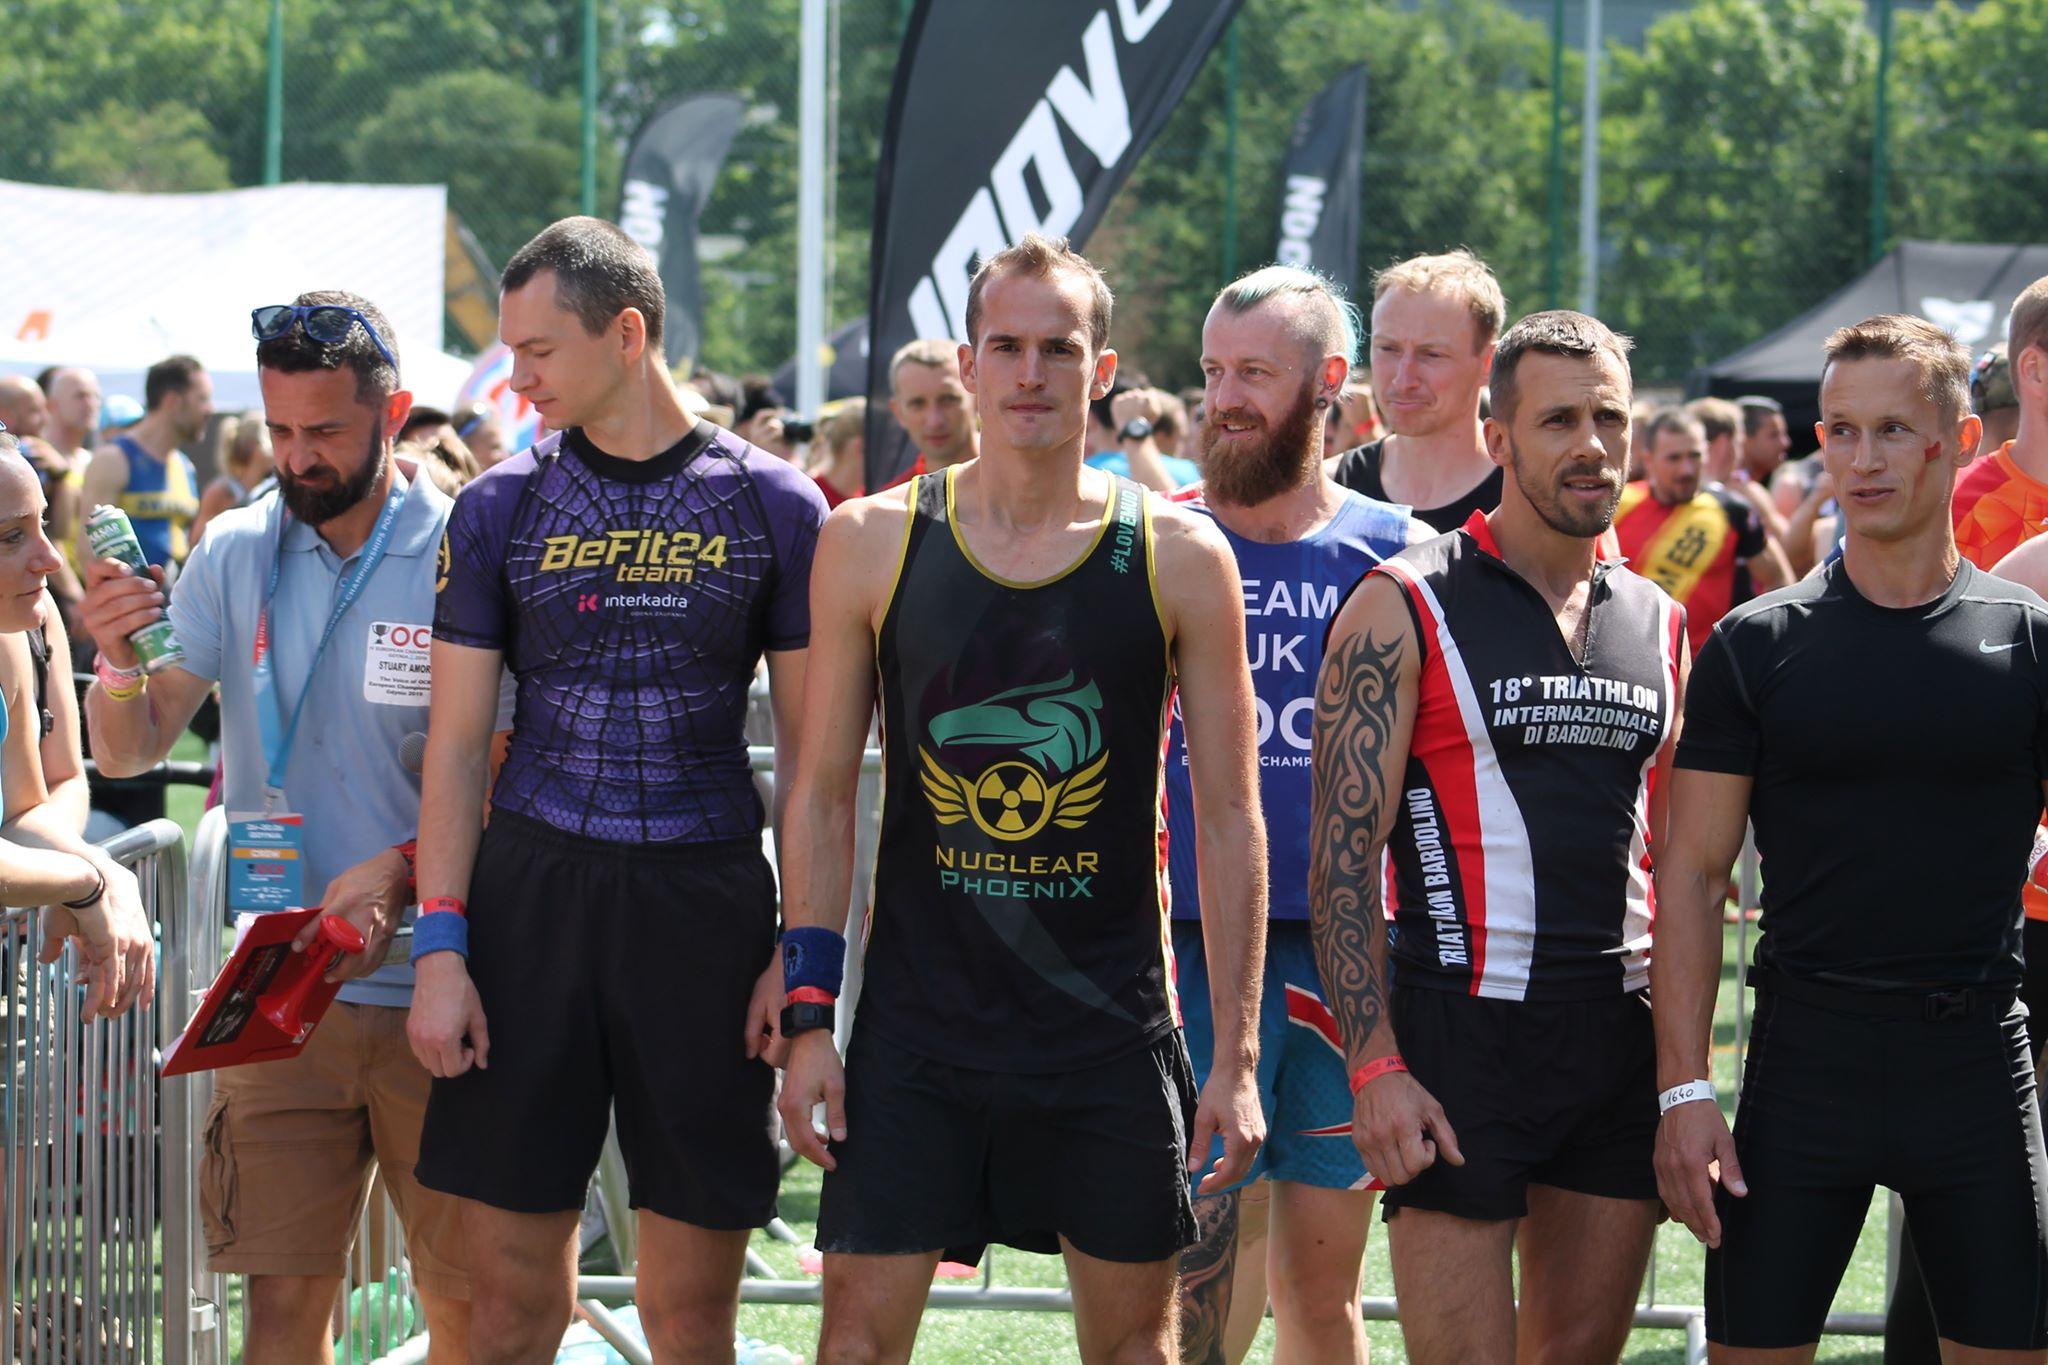 OCR European Championships AG35-39 start